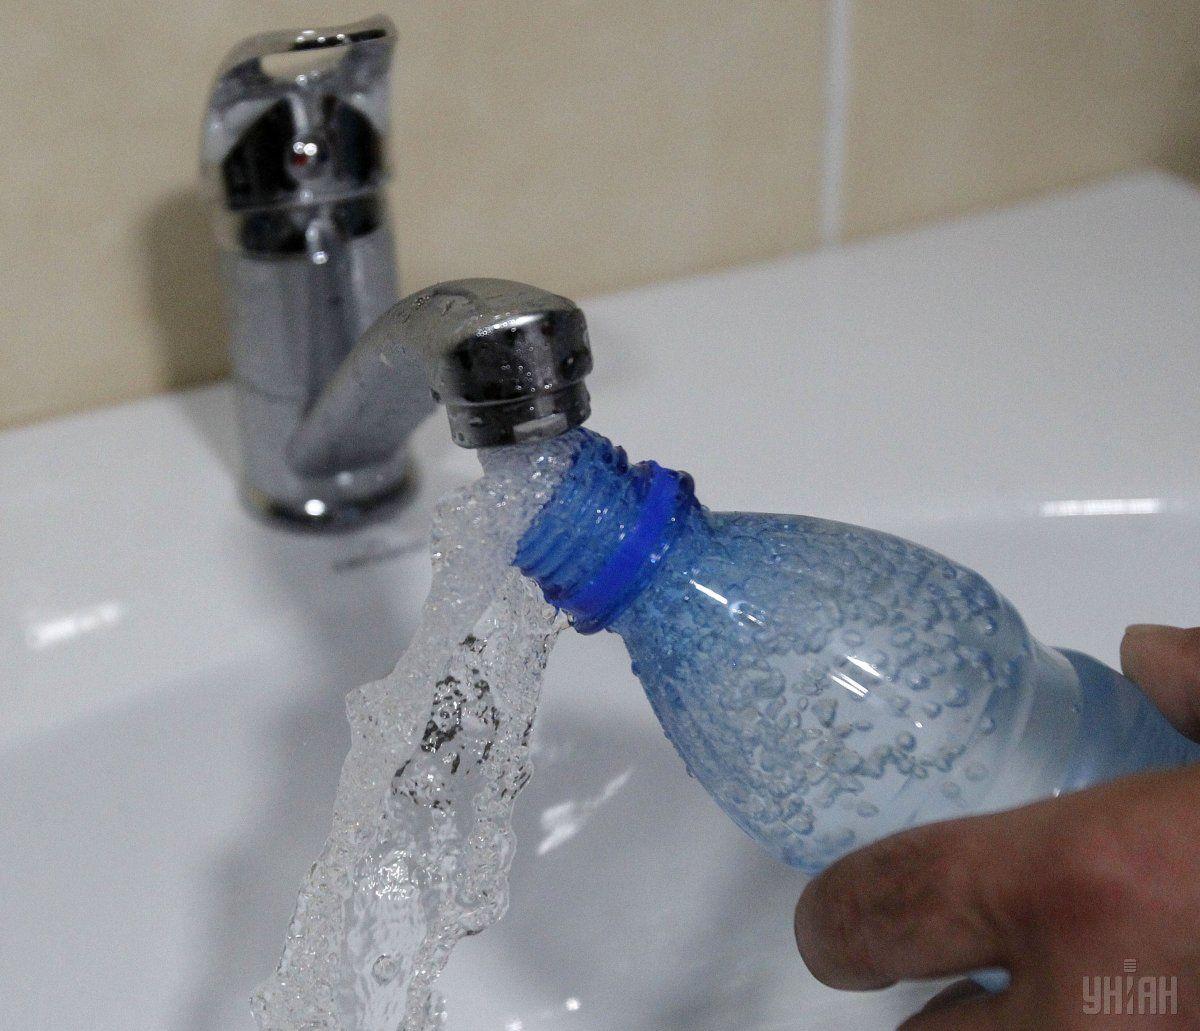 В Черкассах проверяют воду после массового отравления детей / фото УНИАН